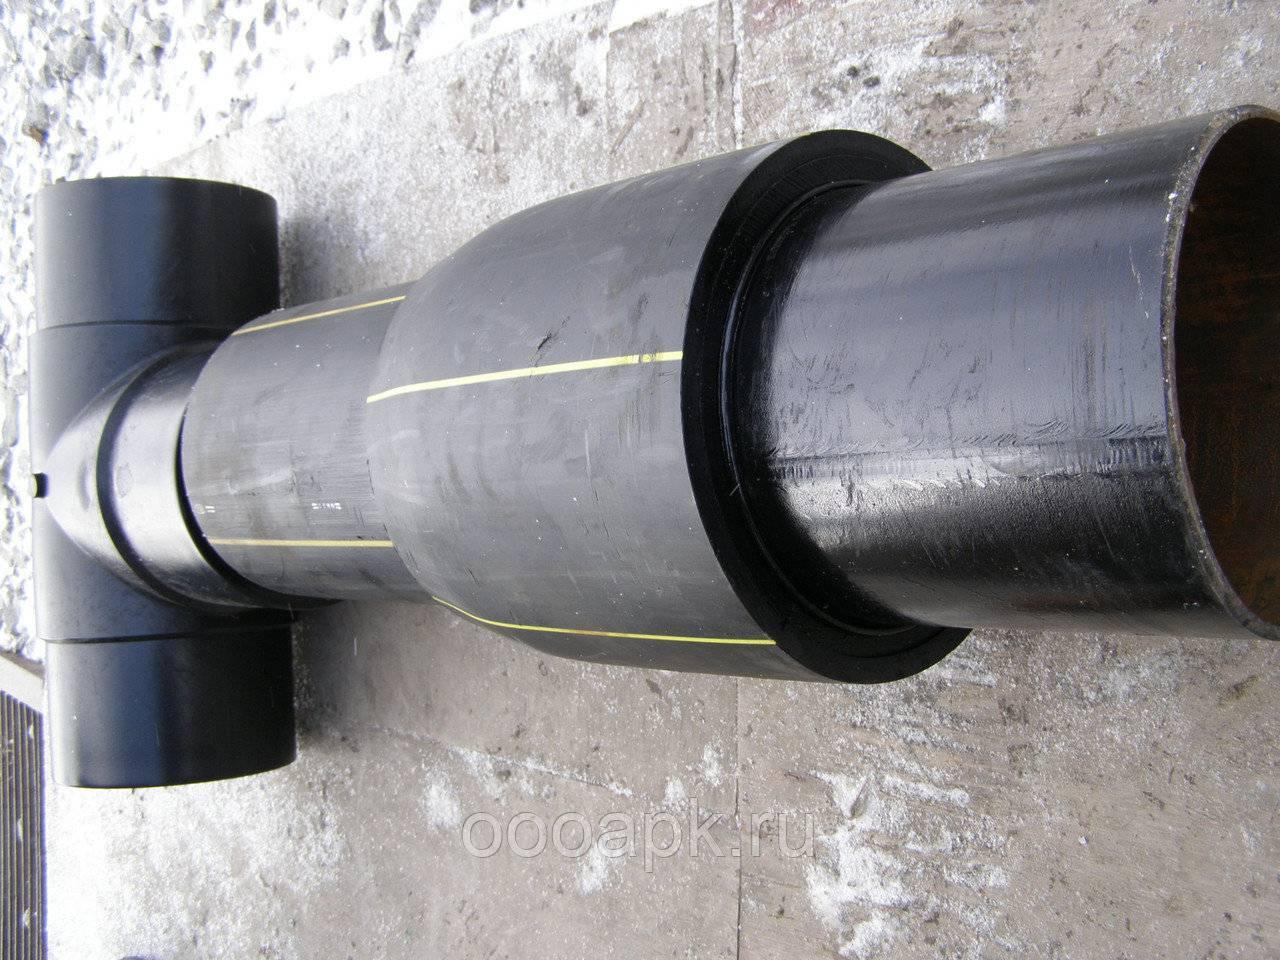 Монтаж труб из сшитого полиэтилена: инструмент, как соединить, пресс для трубопровода из полиэтиленовых труб